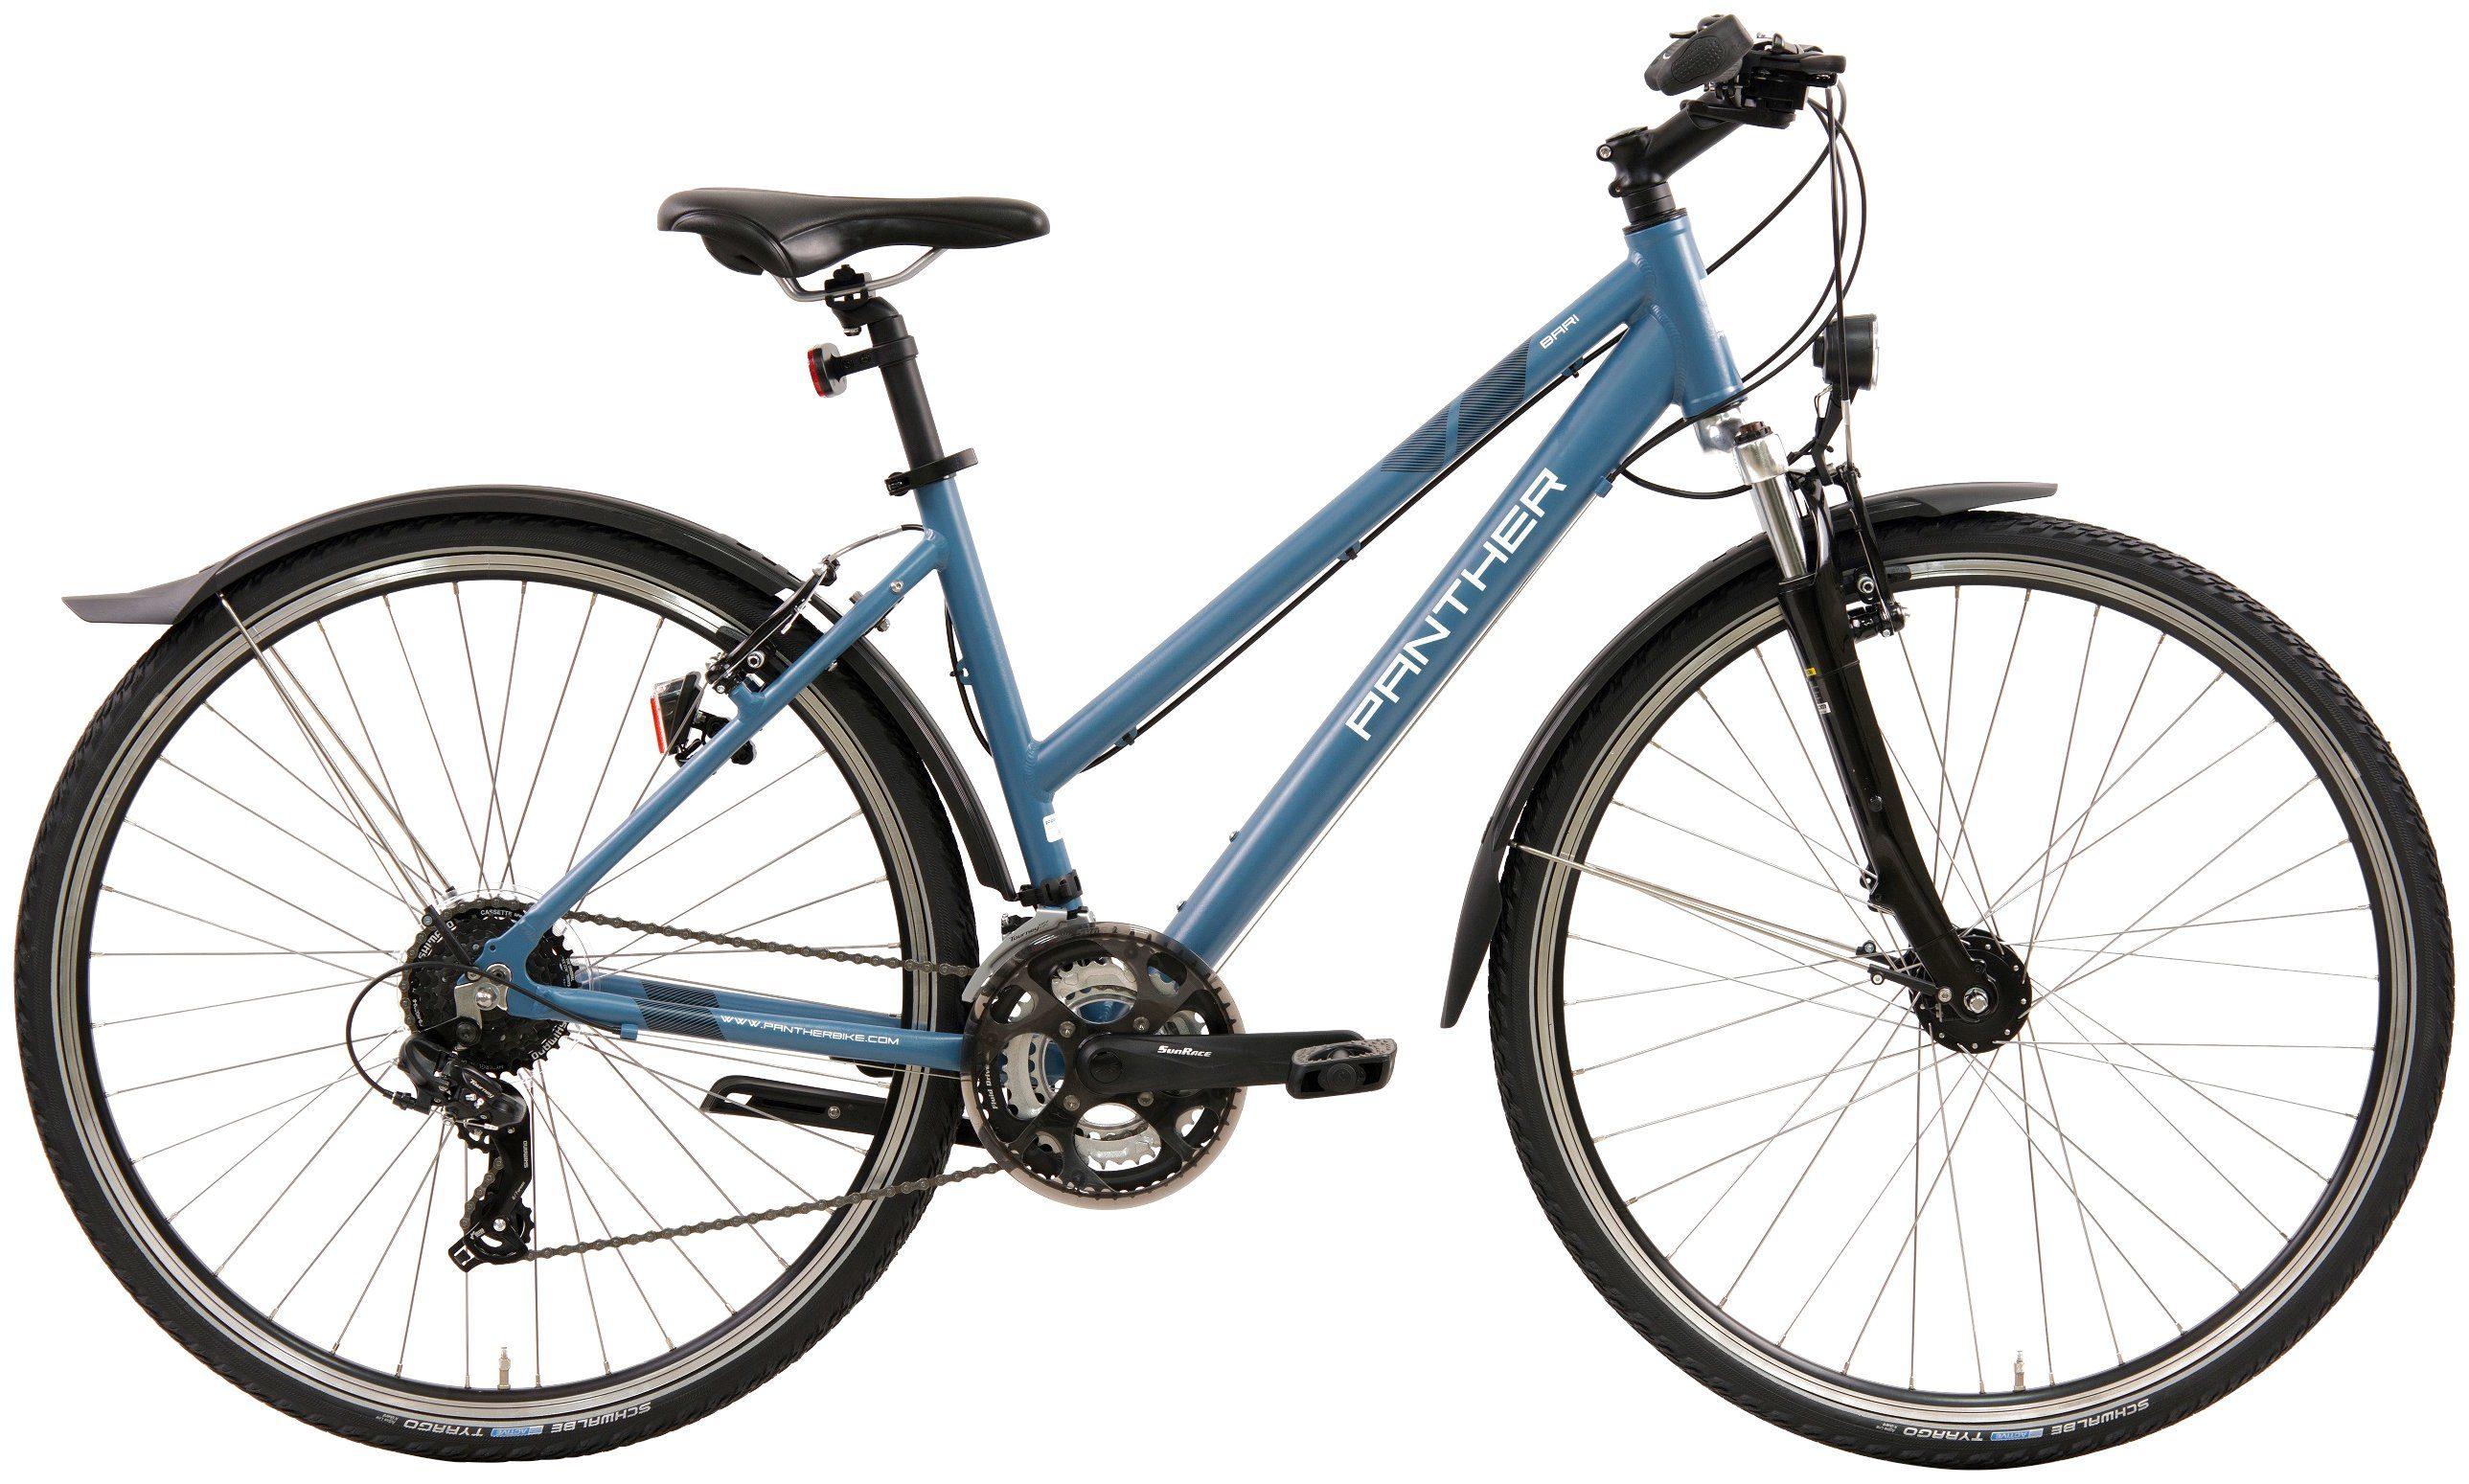 PANTHER Crossbike Damen »Bari«, 28 Zoll, 24 Zoll, Felgenbremse